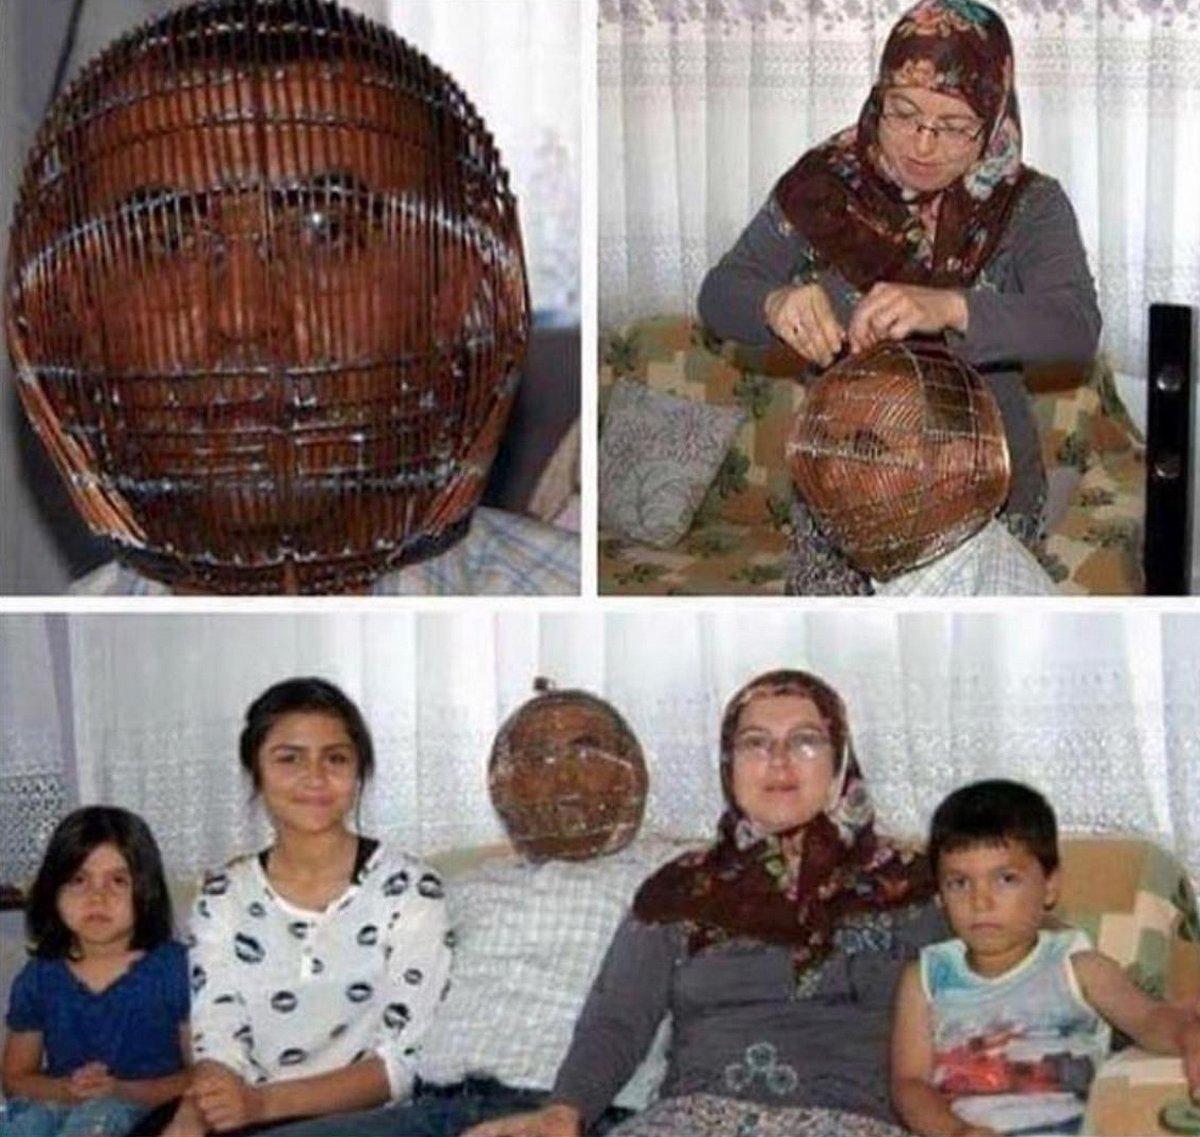 Cet homme s'enferme la tête dans une cage pour tenter d'arrêter de fumer